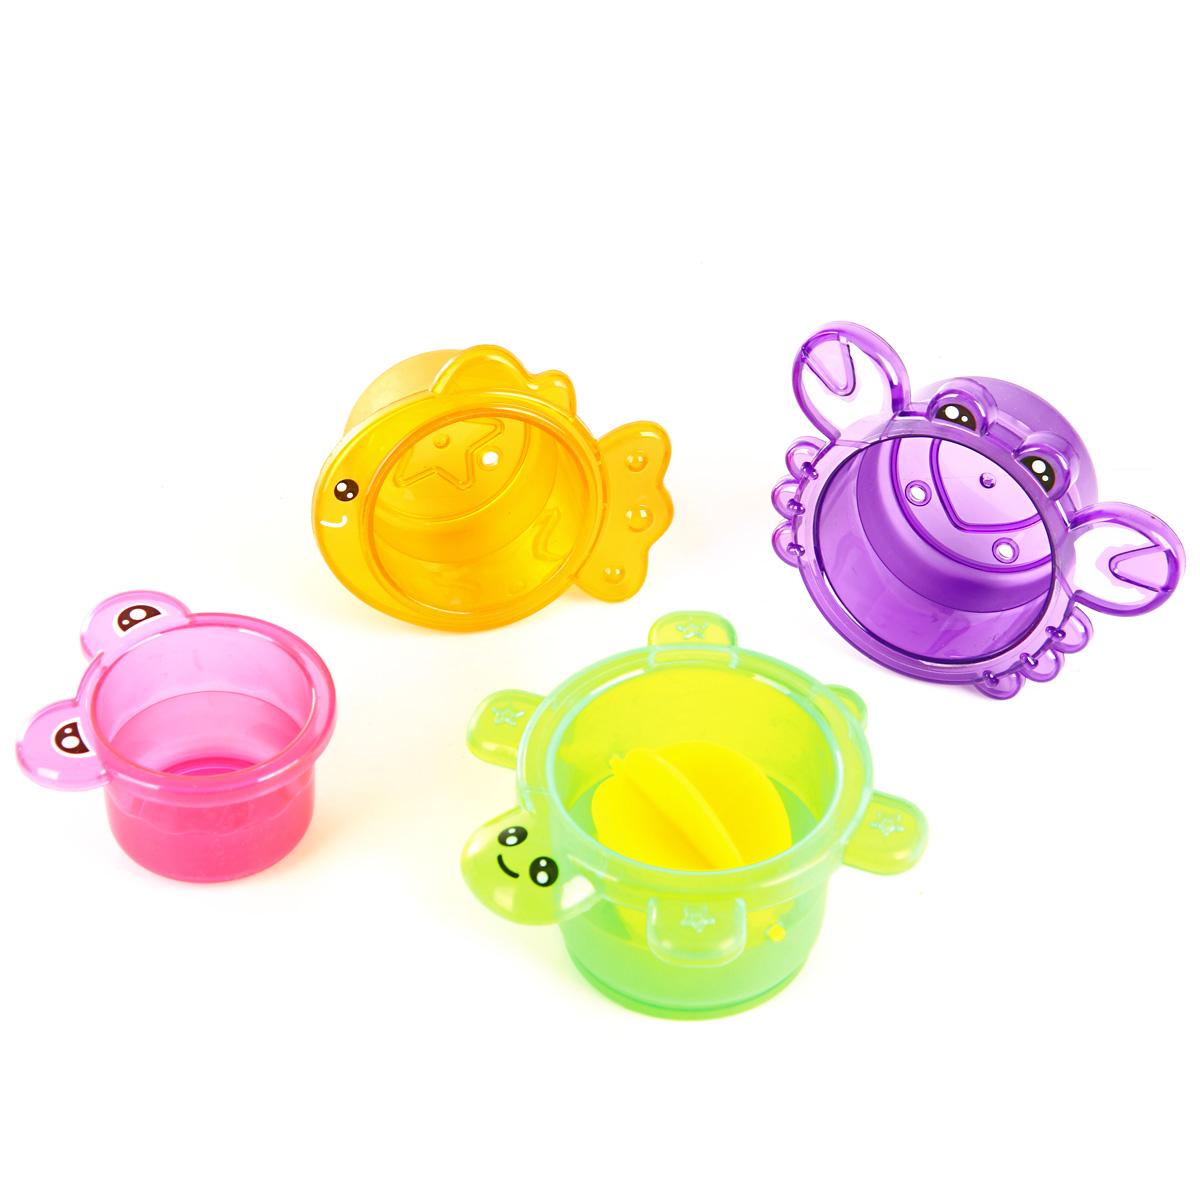 Игрушки для ванной Ути Пути Формочки. Рыбка ути пути набор погремушек гремелки звенелки цвет красный желтый 2 шт